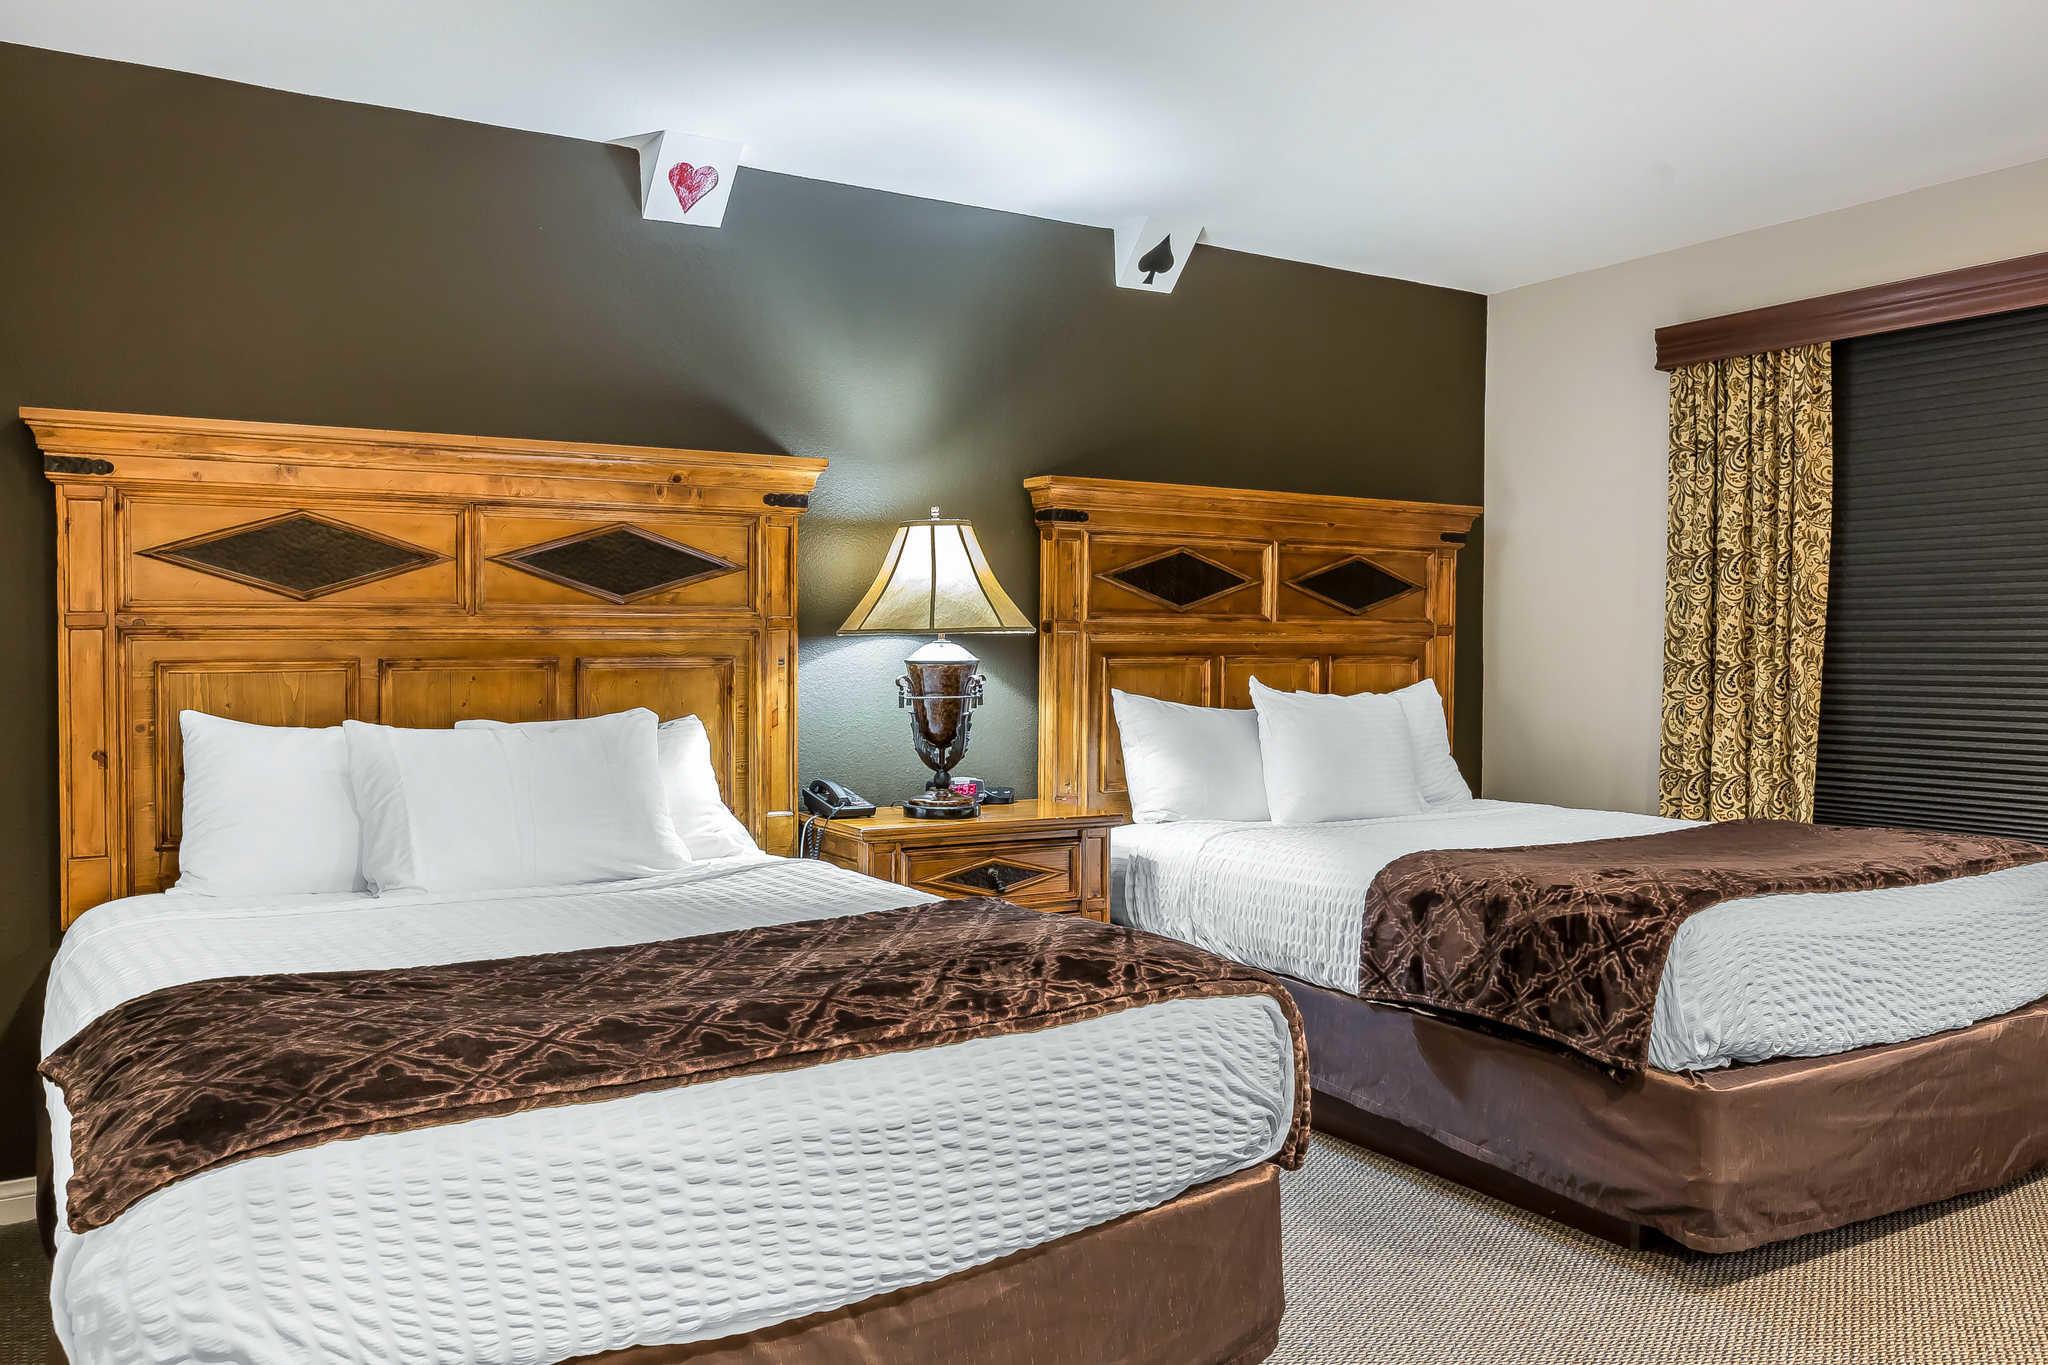 Lake elsinore resort & casino ca